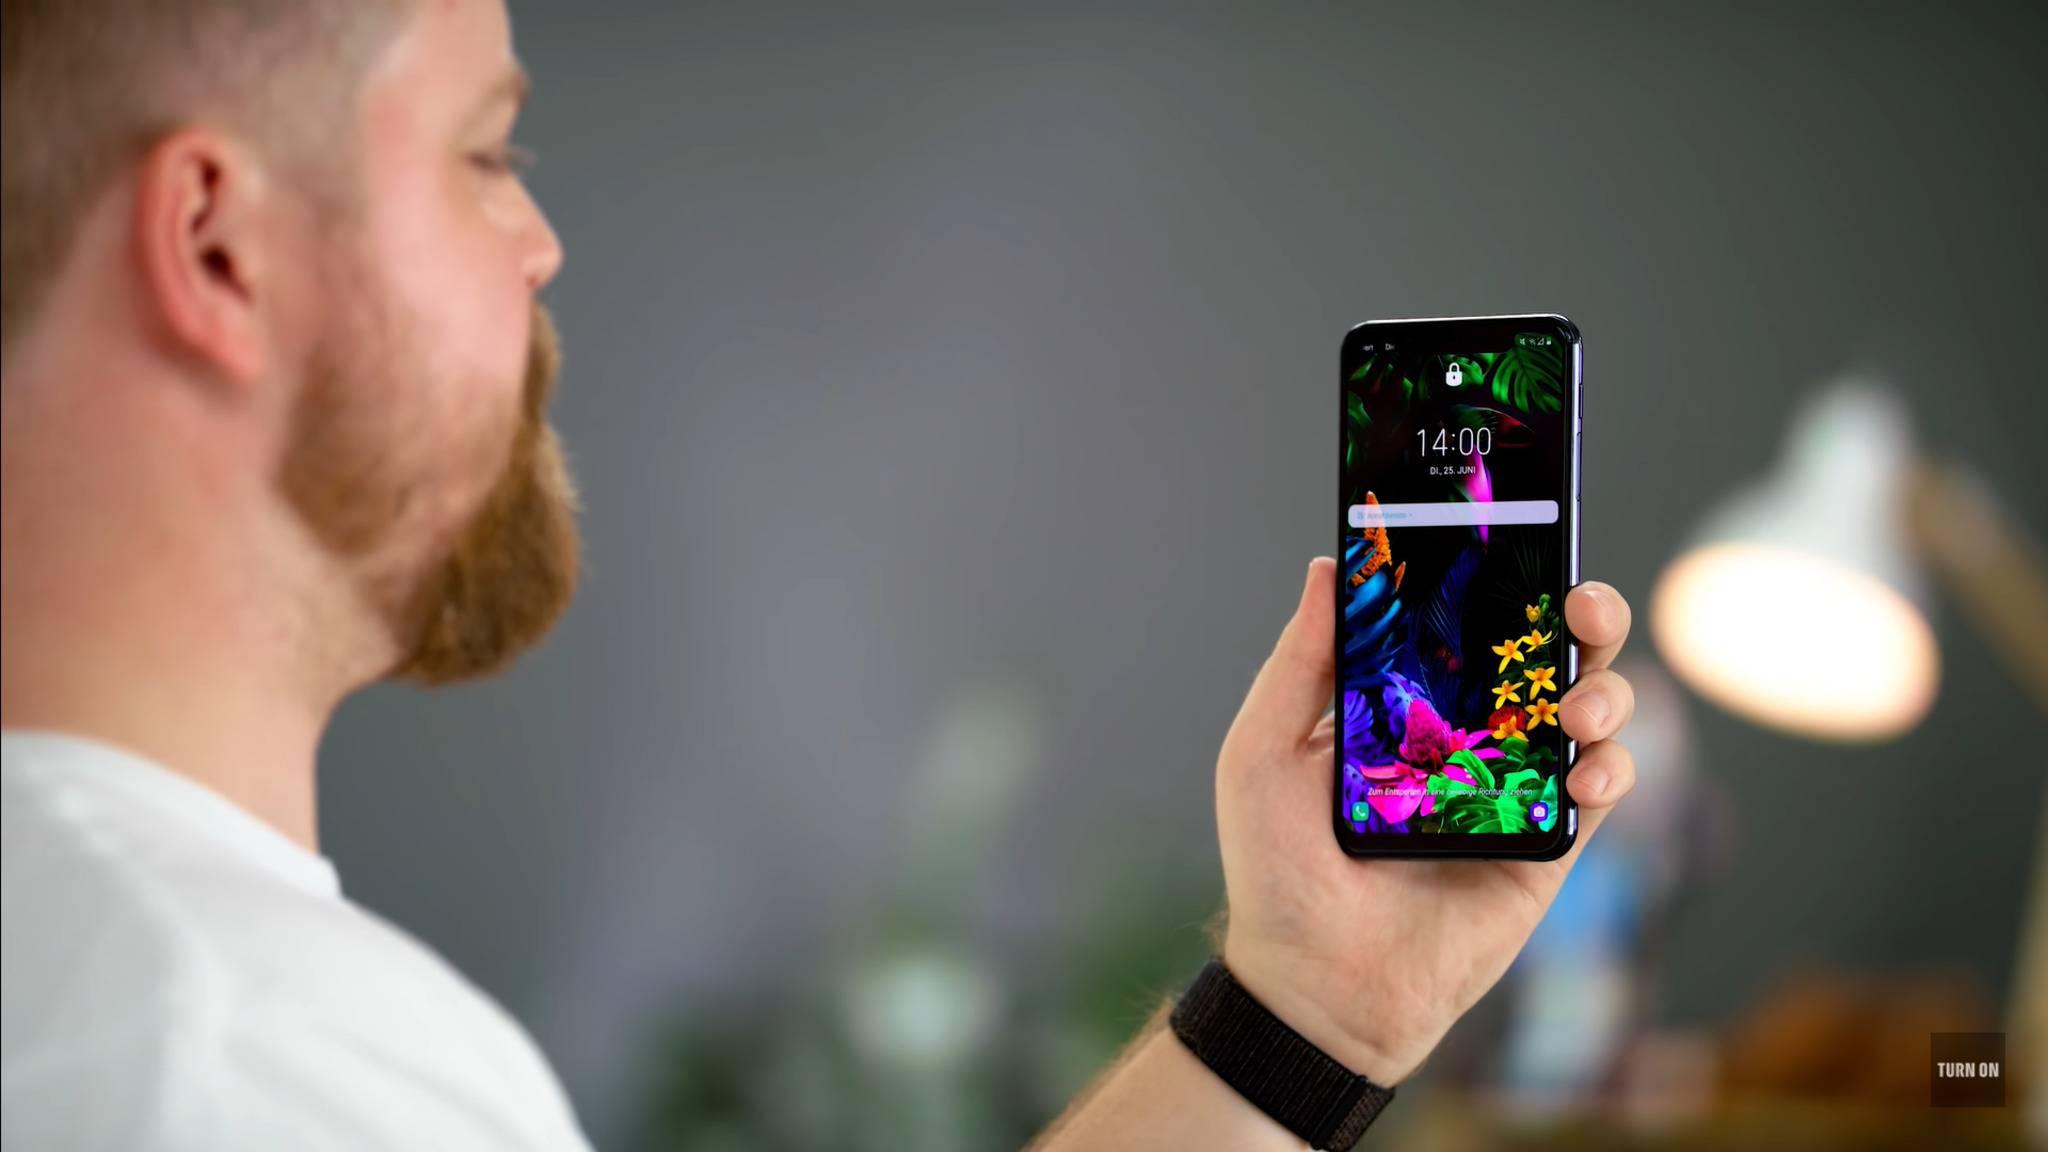 Das LG G8s bietet ein Face-ID-ähnliches System für die Entsperrung mit dem Gesicht – oder der Hand.